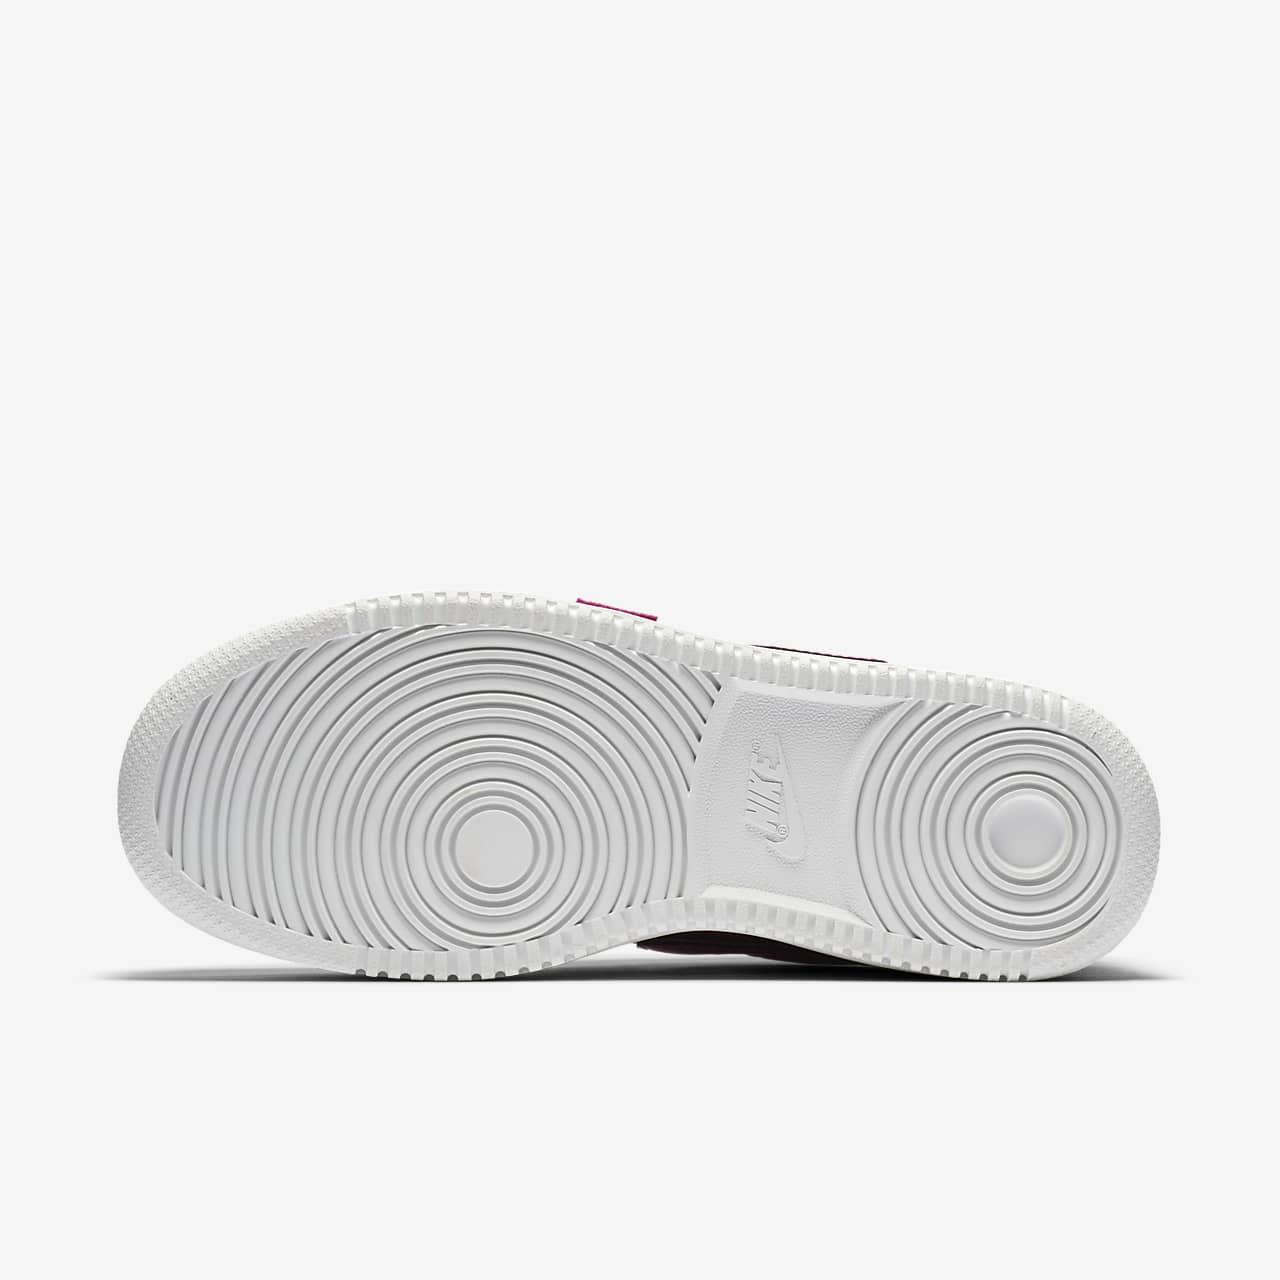 nike vandal 2k sneaker white